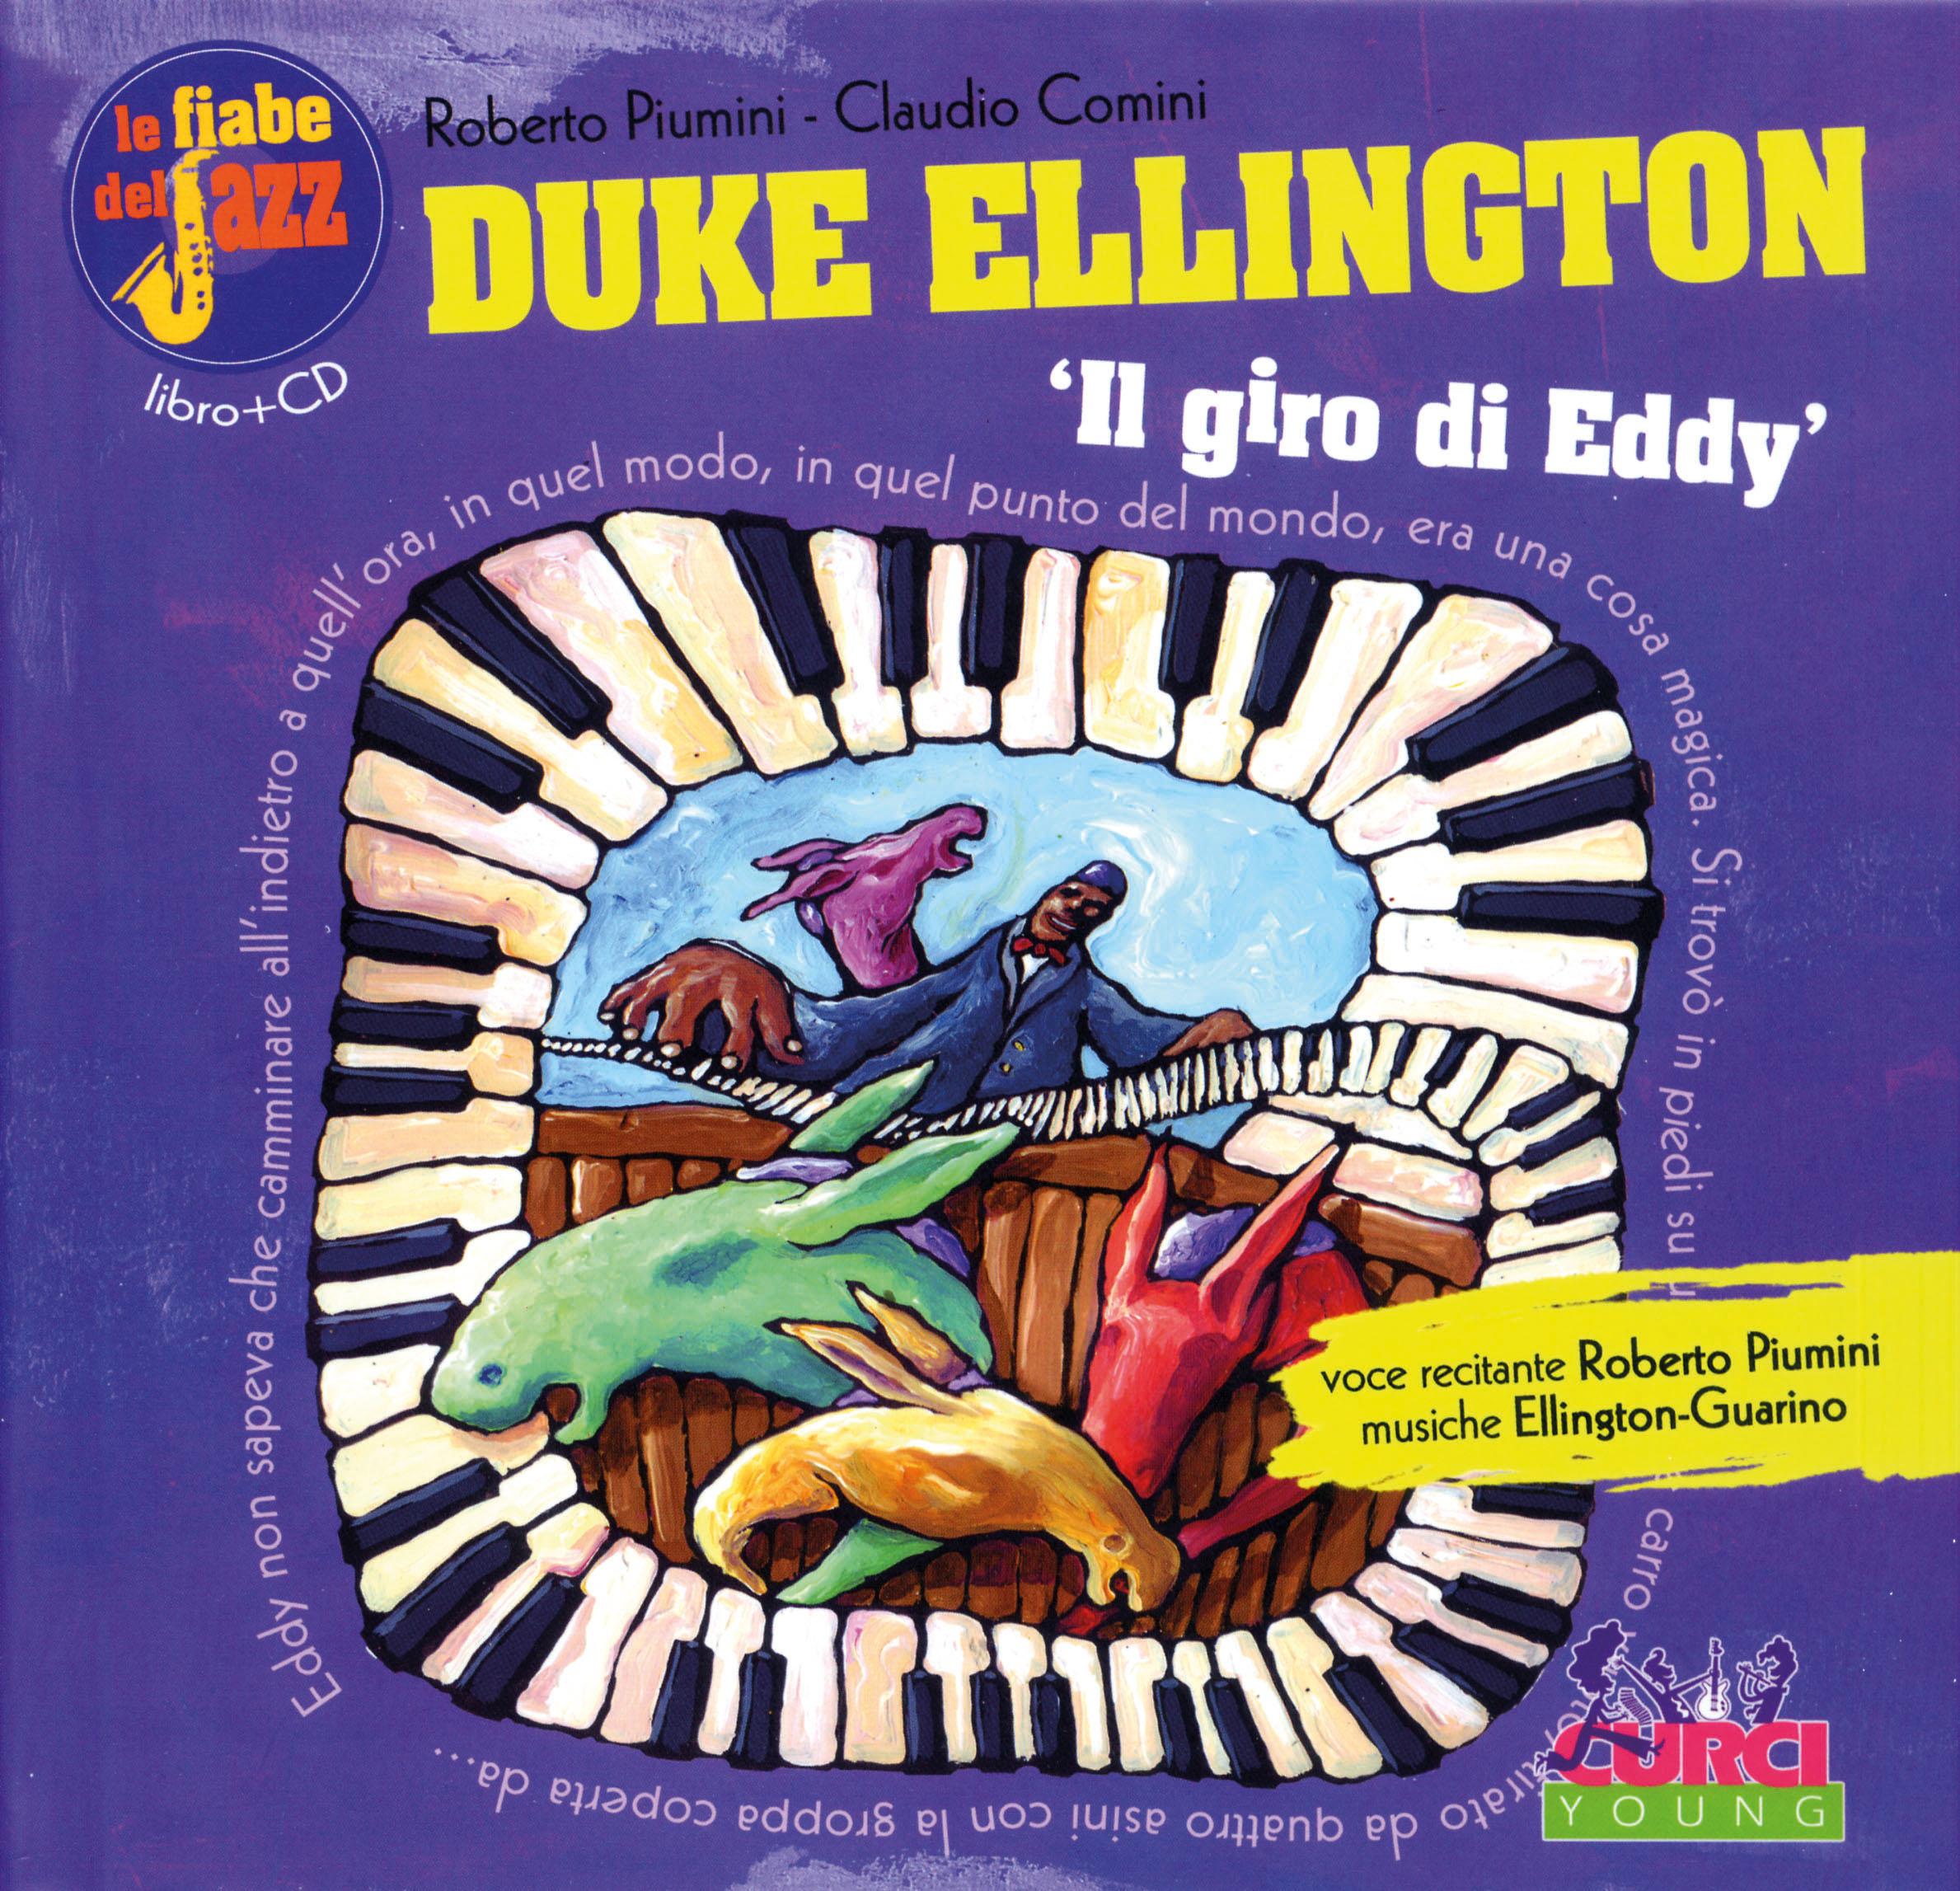 Le fiabe del jazz, DUKE ELLINGTON – Il giro di Eddy   Jazz Tales, DUKE ELLINGTON – Eddy's turnaround